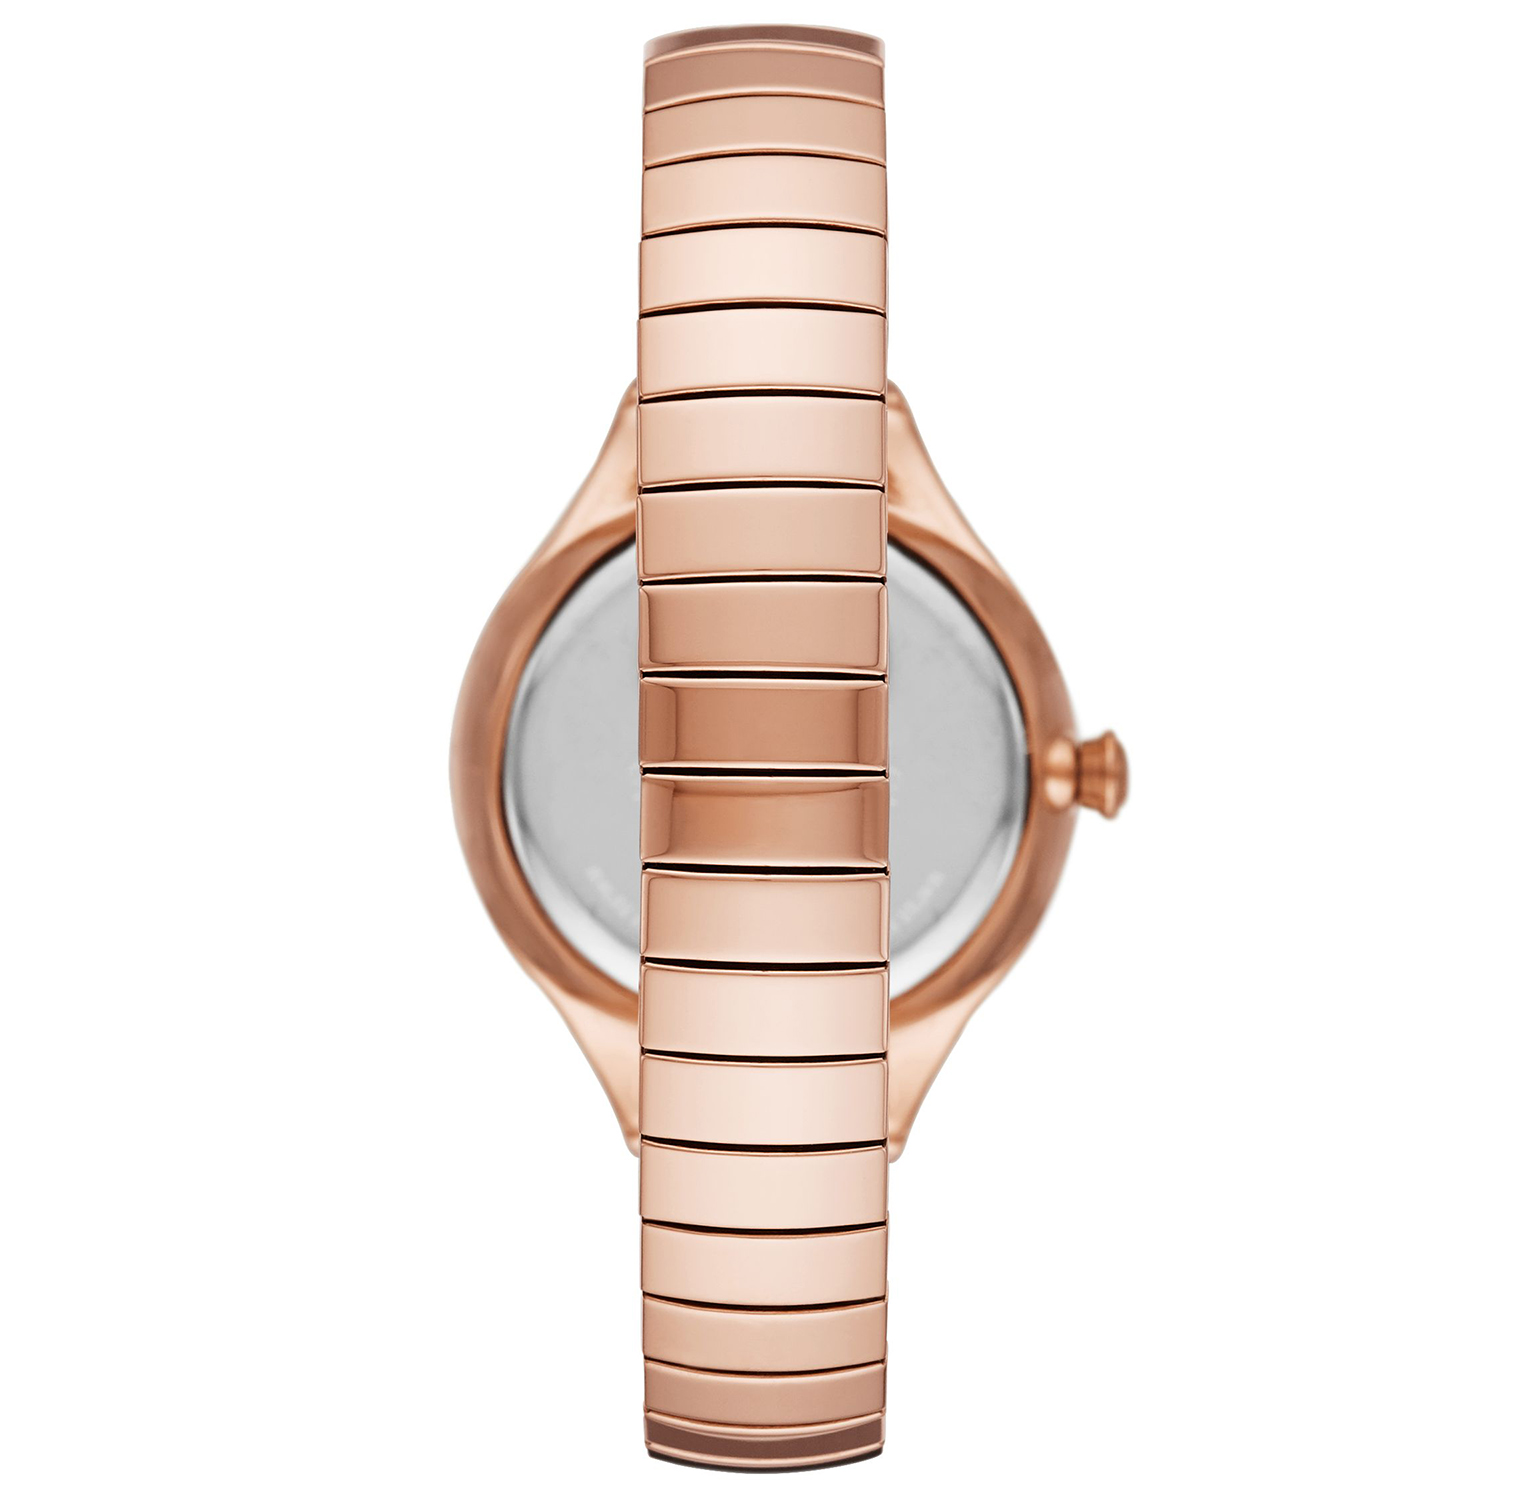 Puma P1062 zegarek